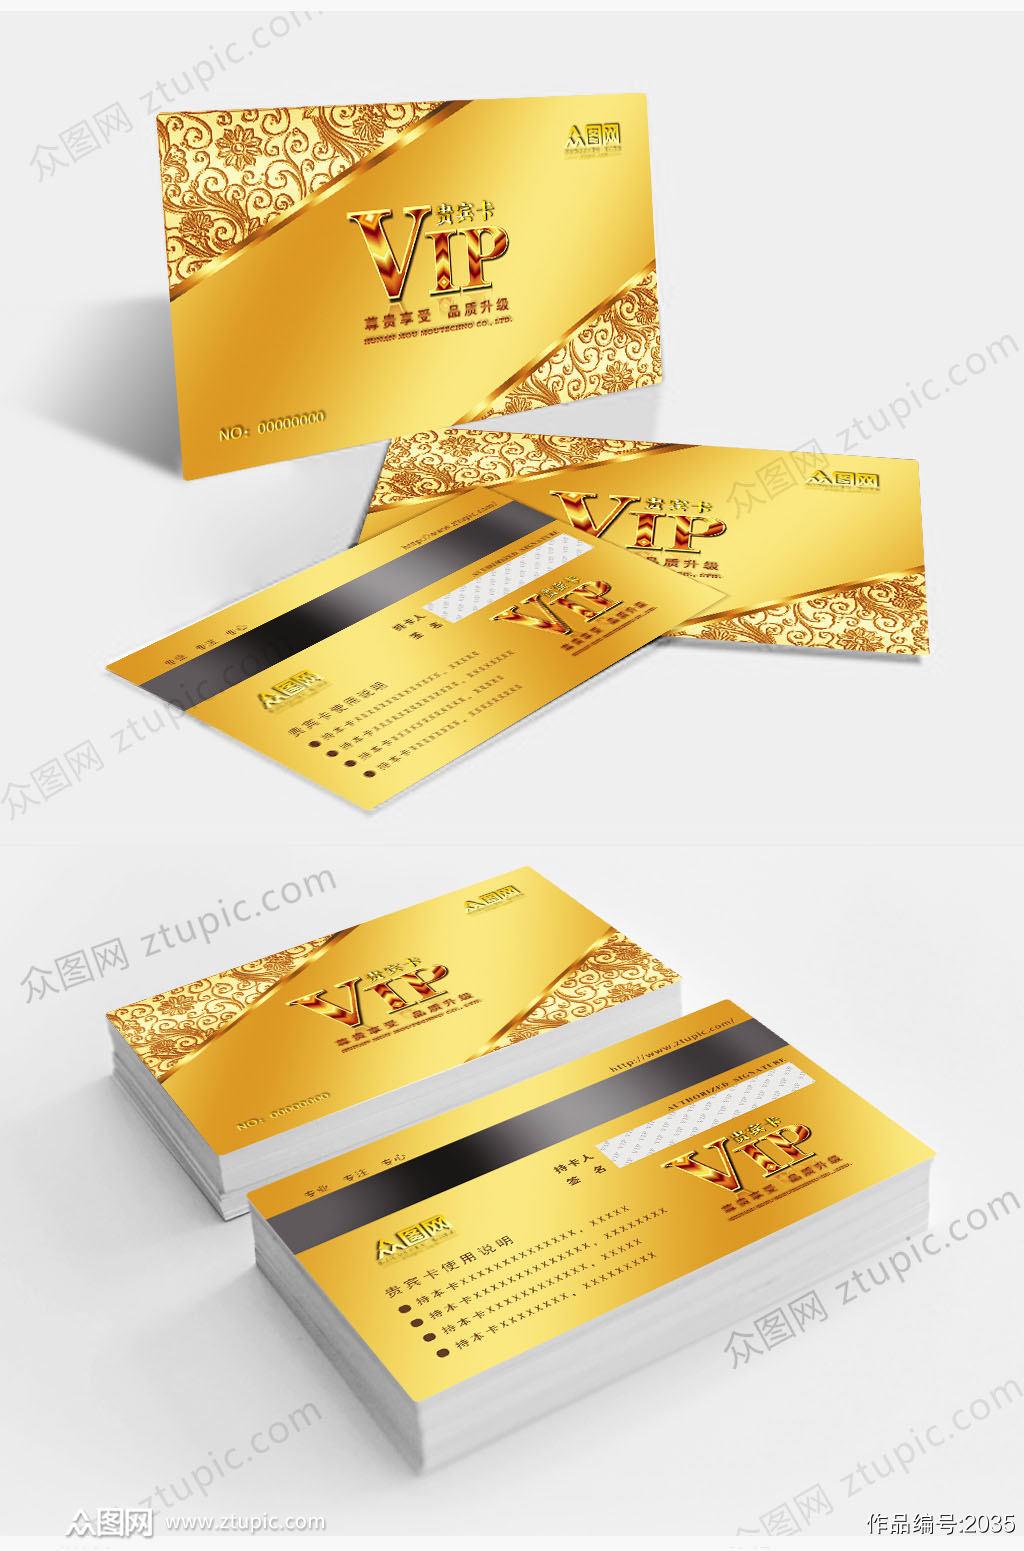 简约高端金色vip会员卡设计素材